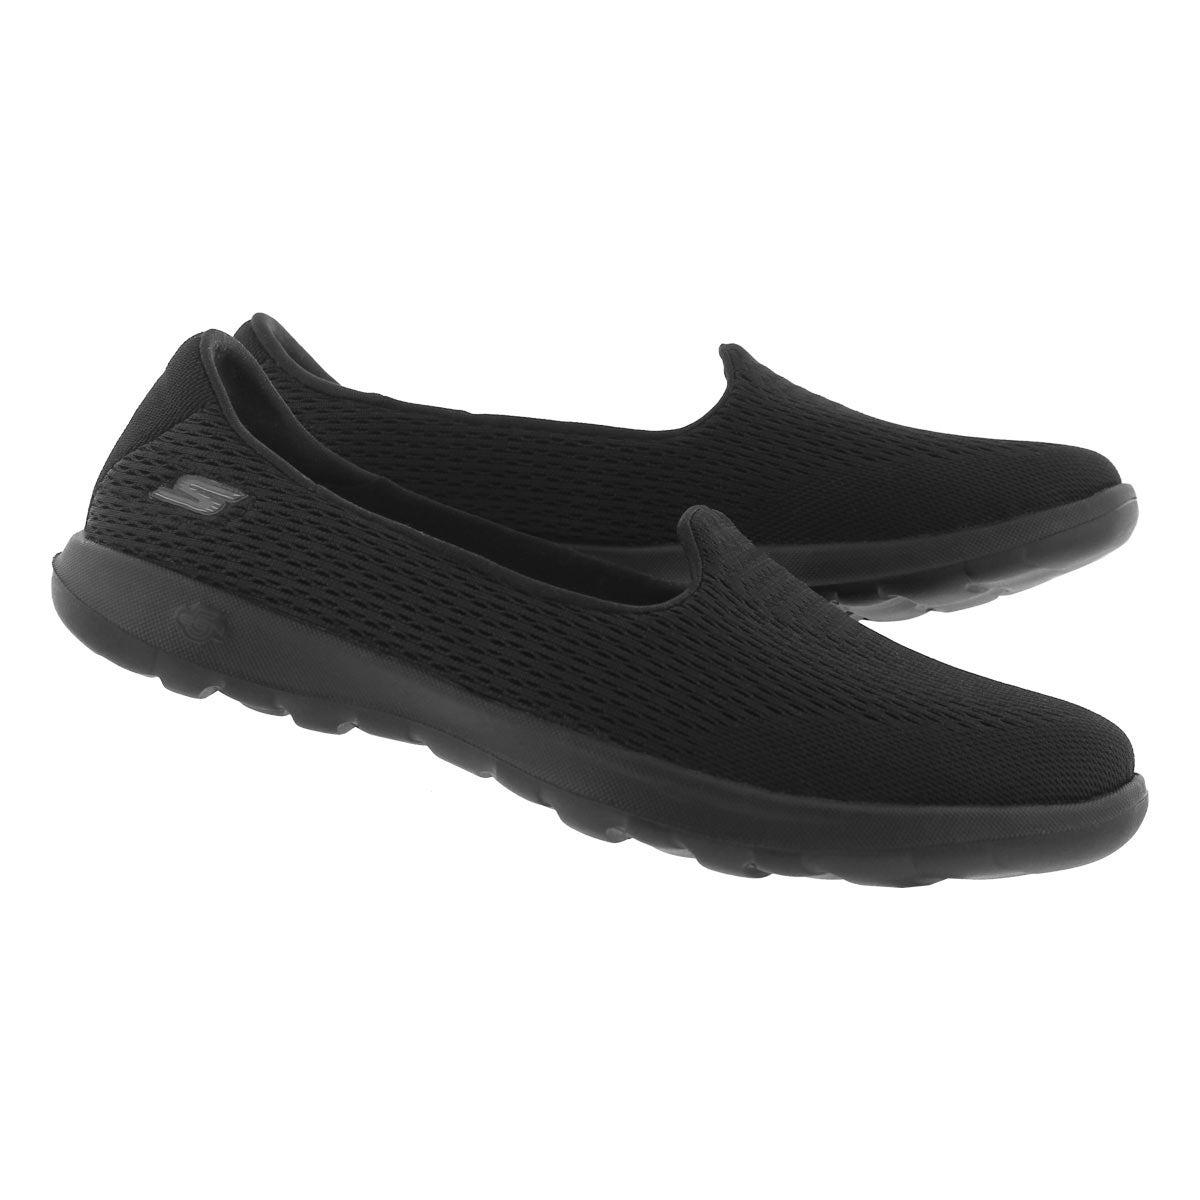 Lds GO Walk Lite black slip on shoe